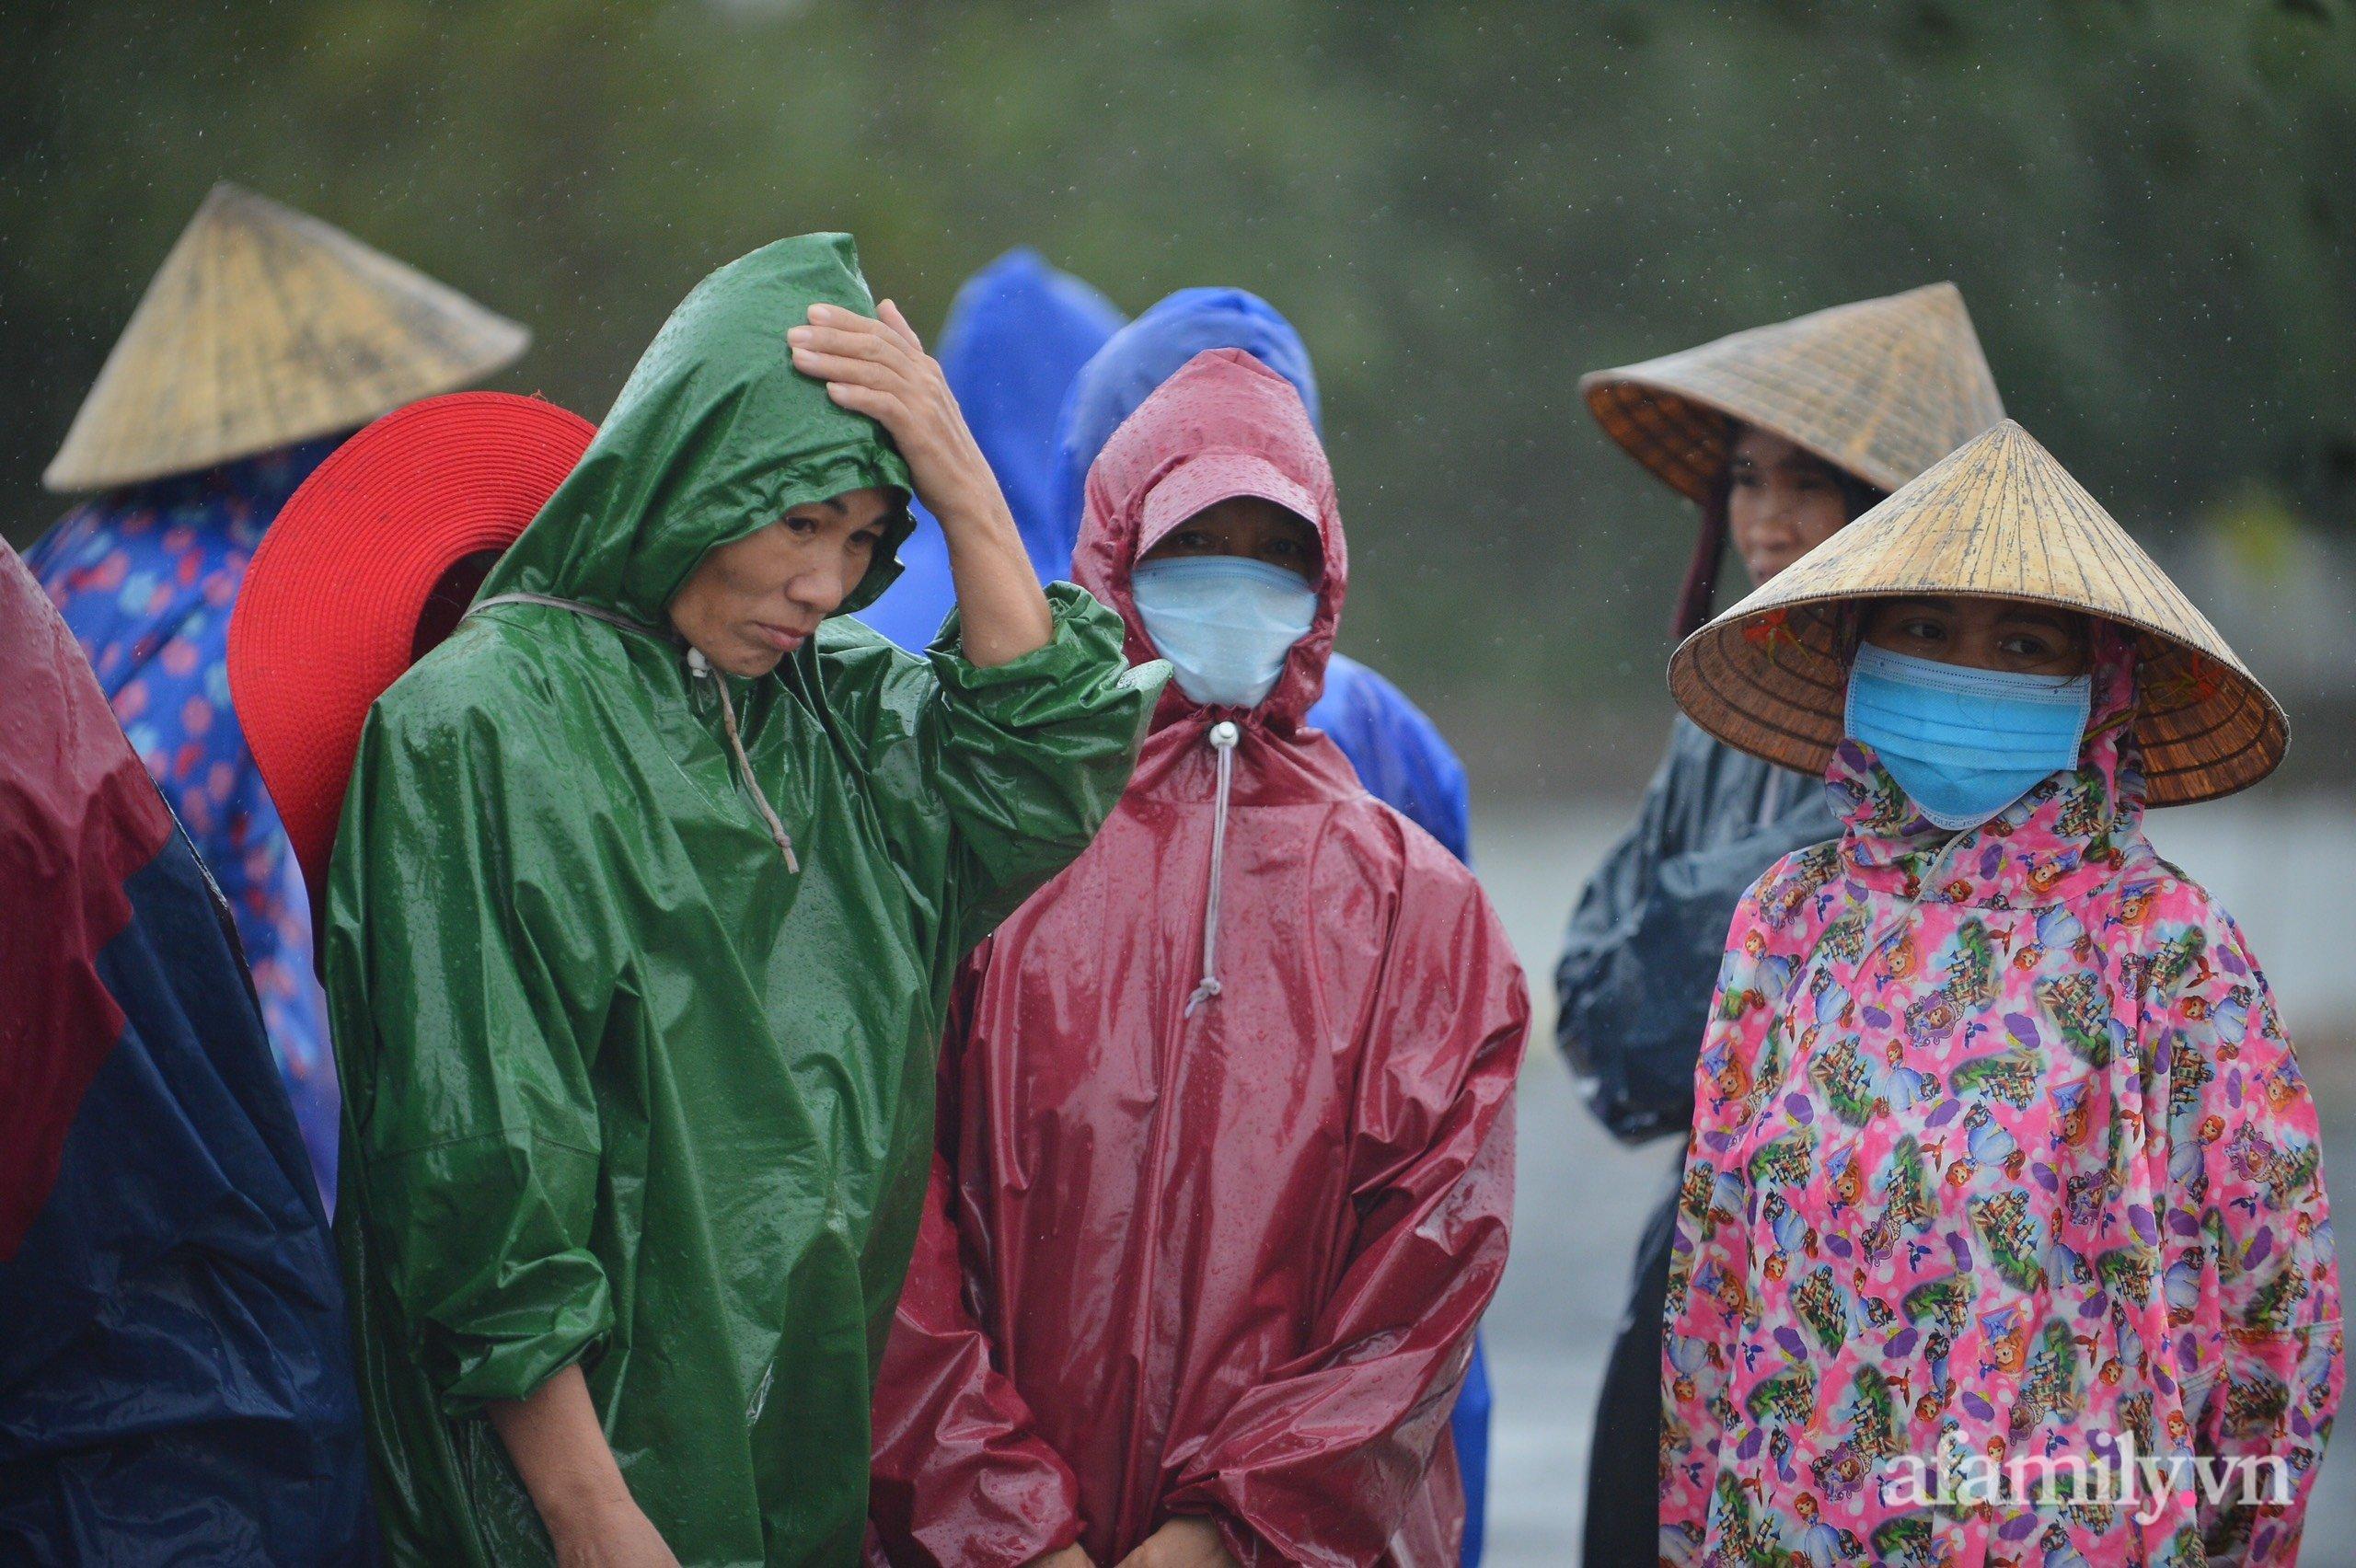 Quảng Bình: Nhà ngập sâu trong trận lũ lịch sử, người lớn, trẻ nhỏ đội mưa vượt hơn 1km băng đồi cát ra quốc lộ xin cứu trợ 5